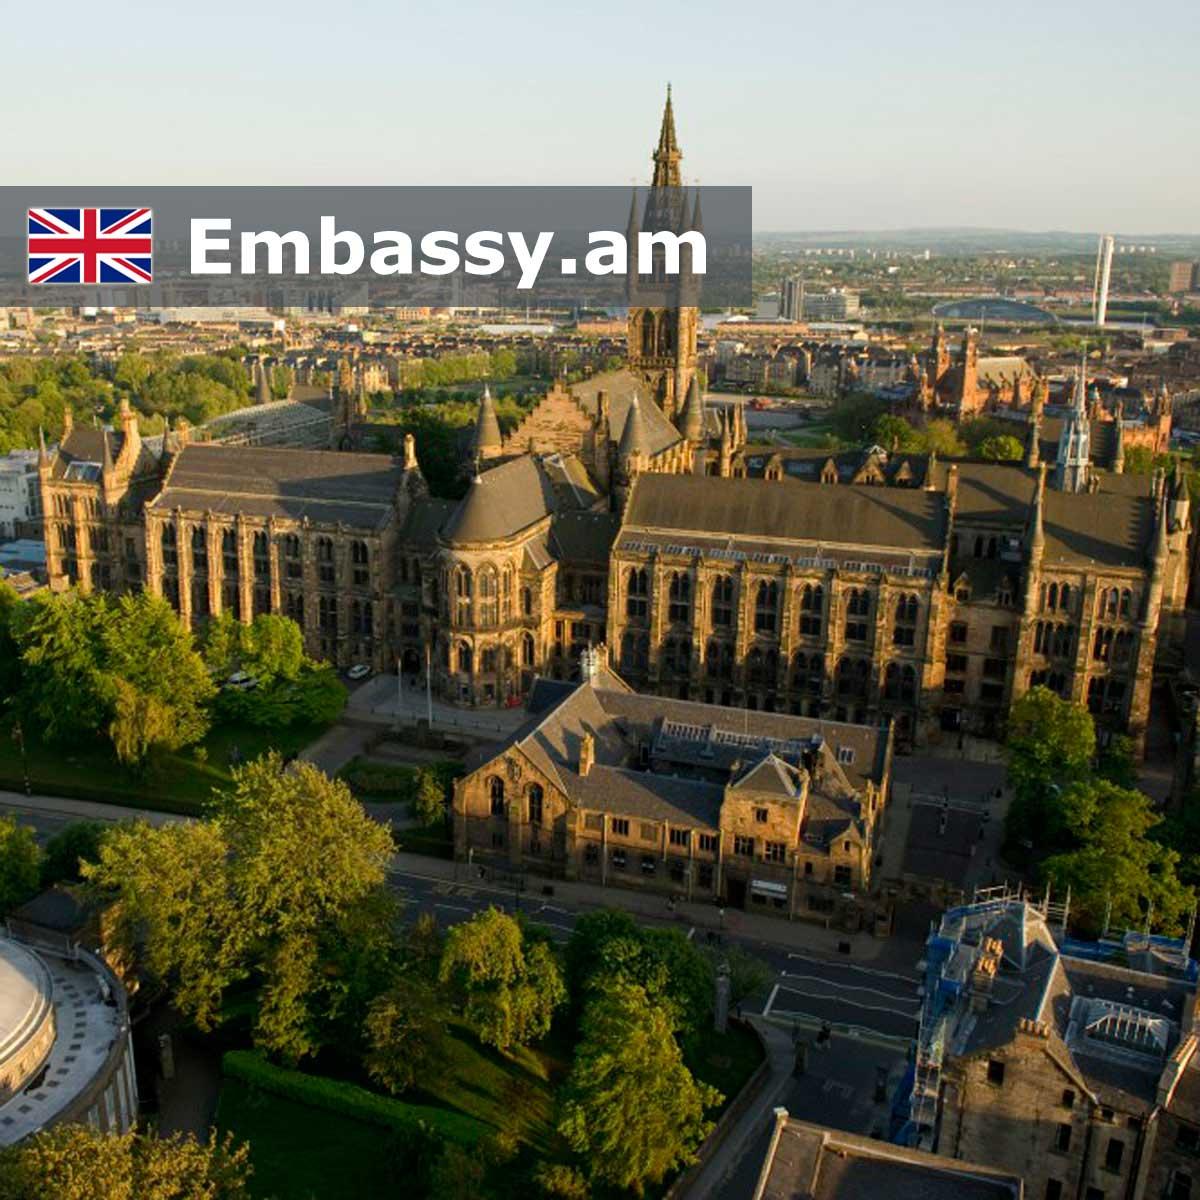 Glasgow - Hotels in United Kingdom - Embassy.am